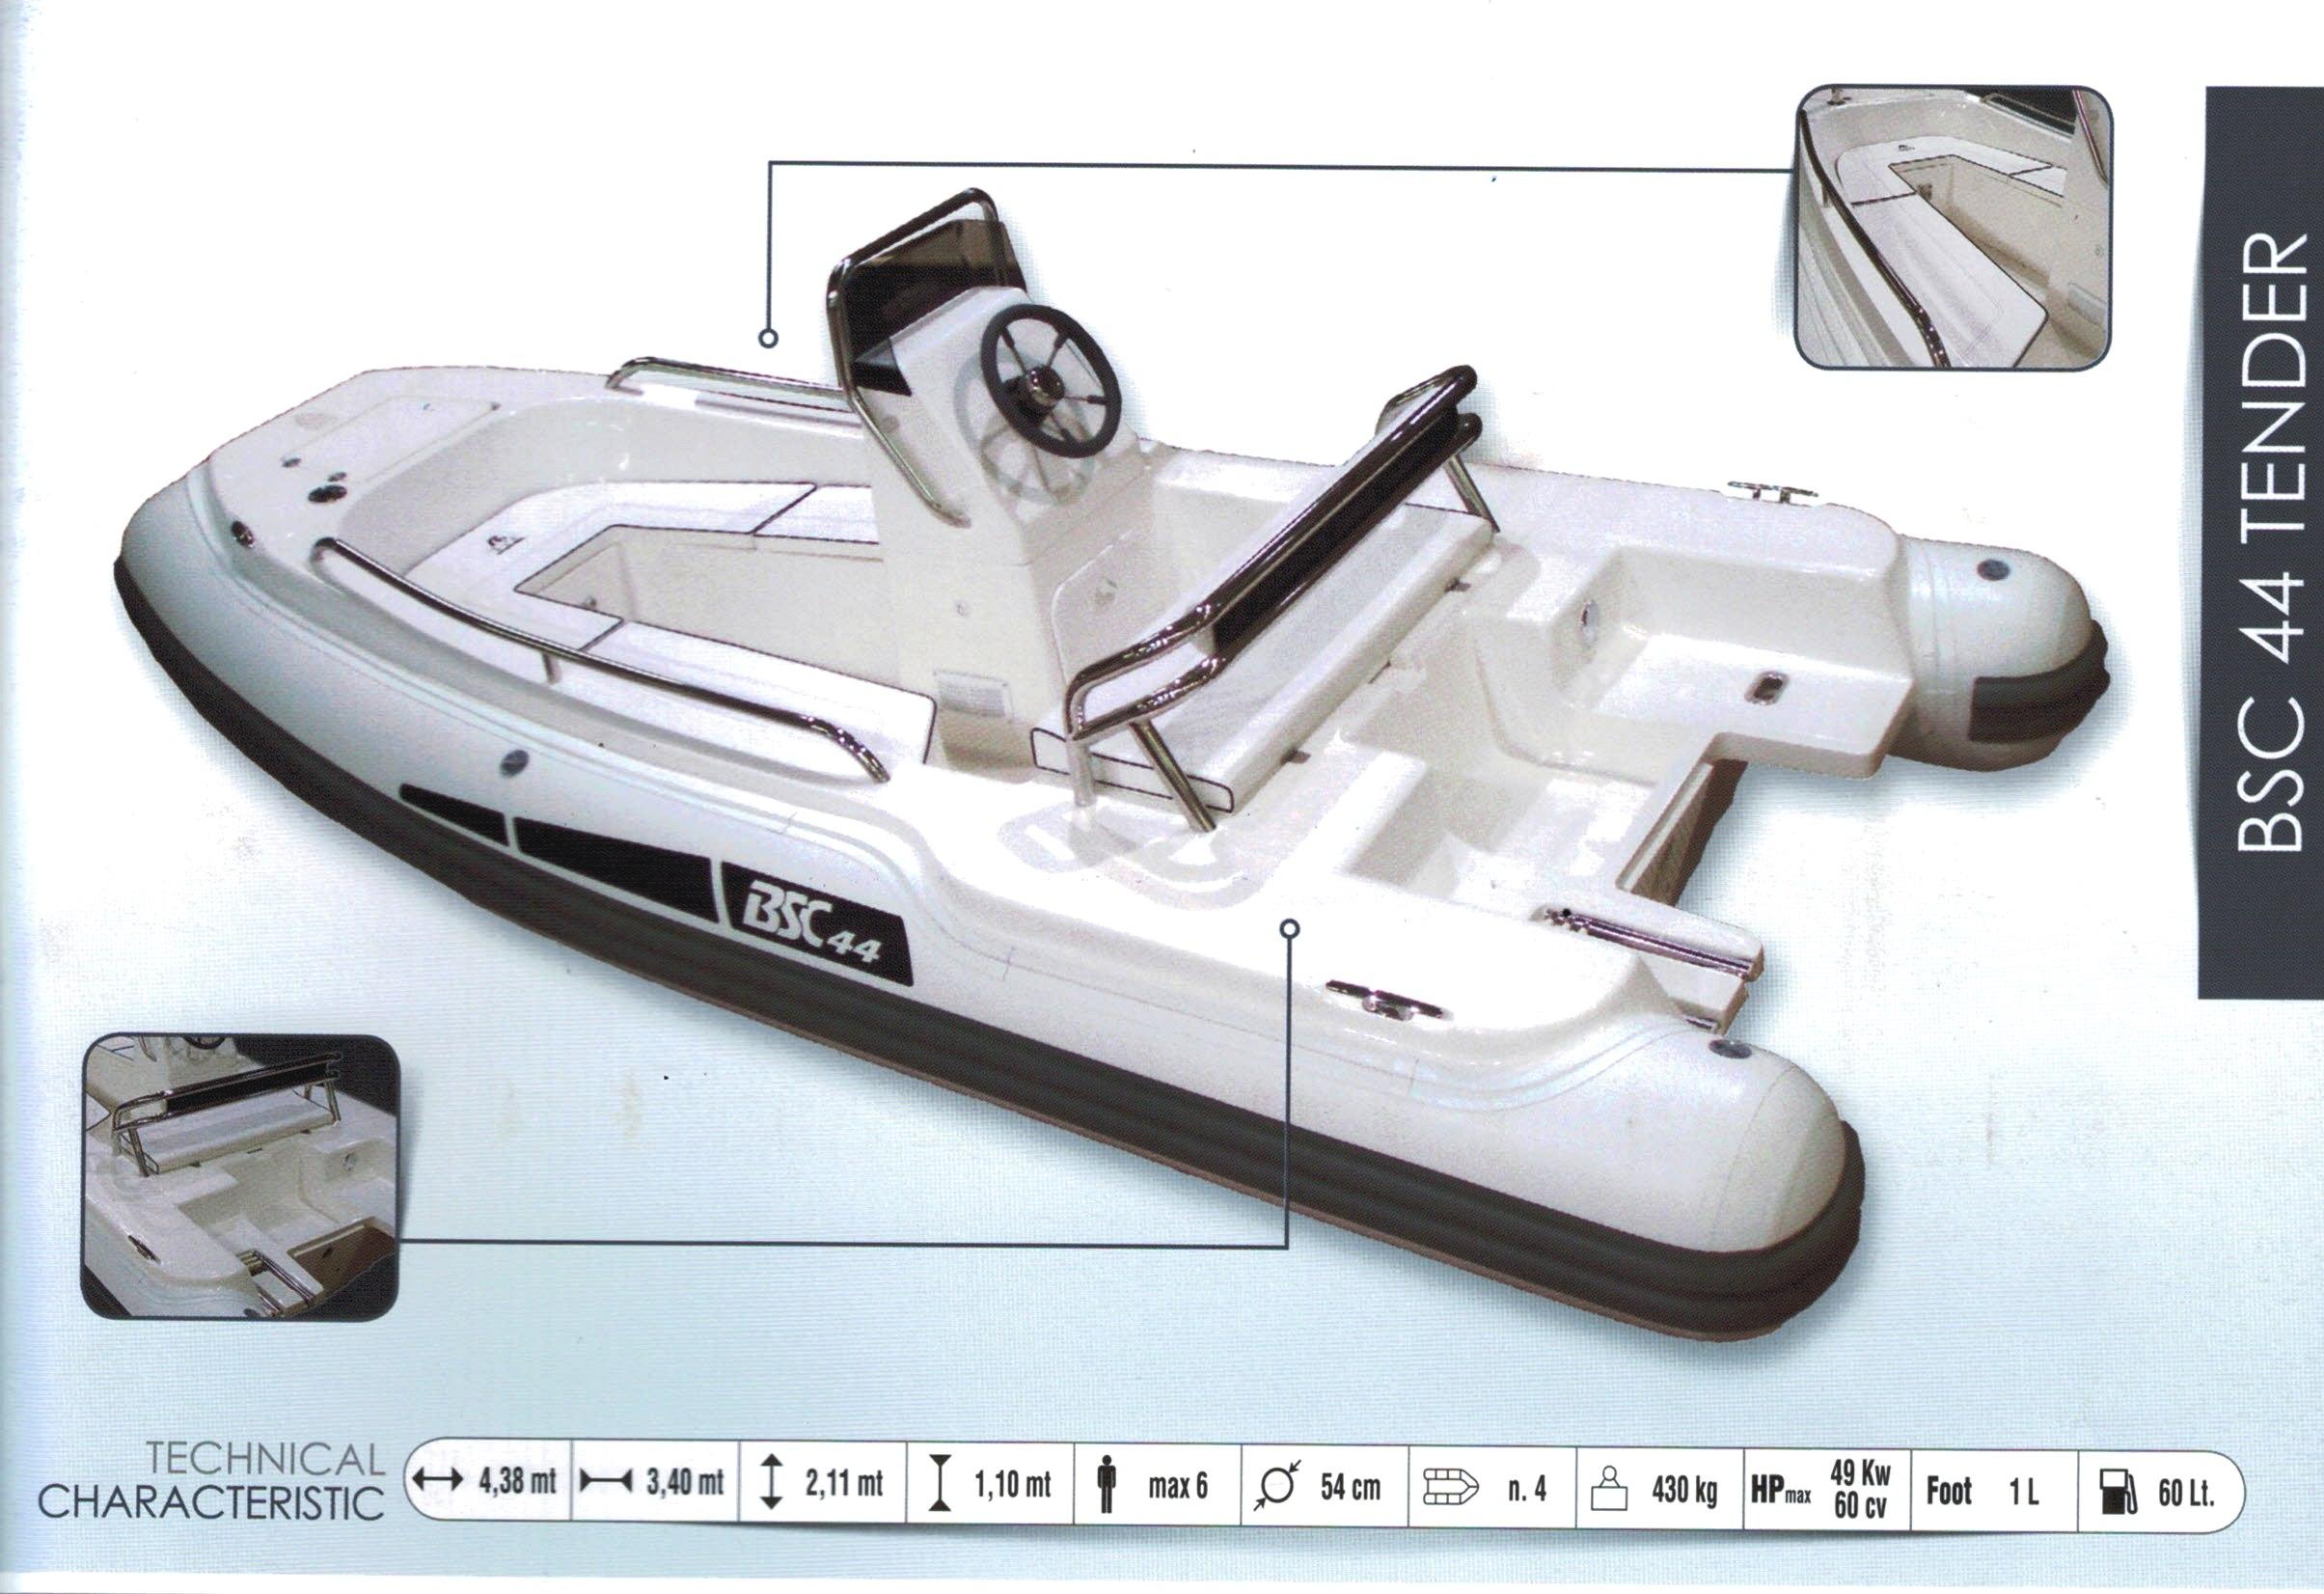 BSC 44 Tender